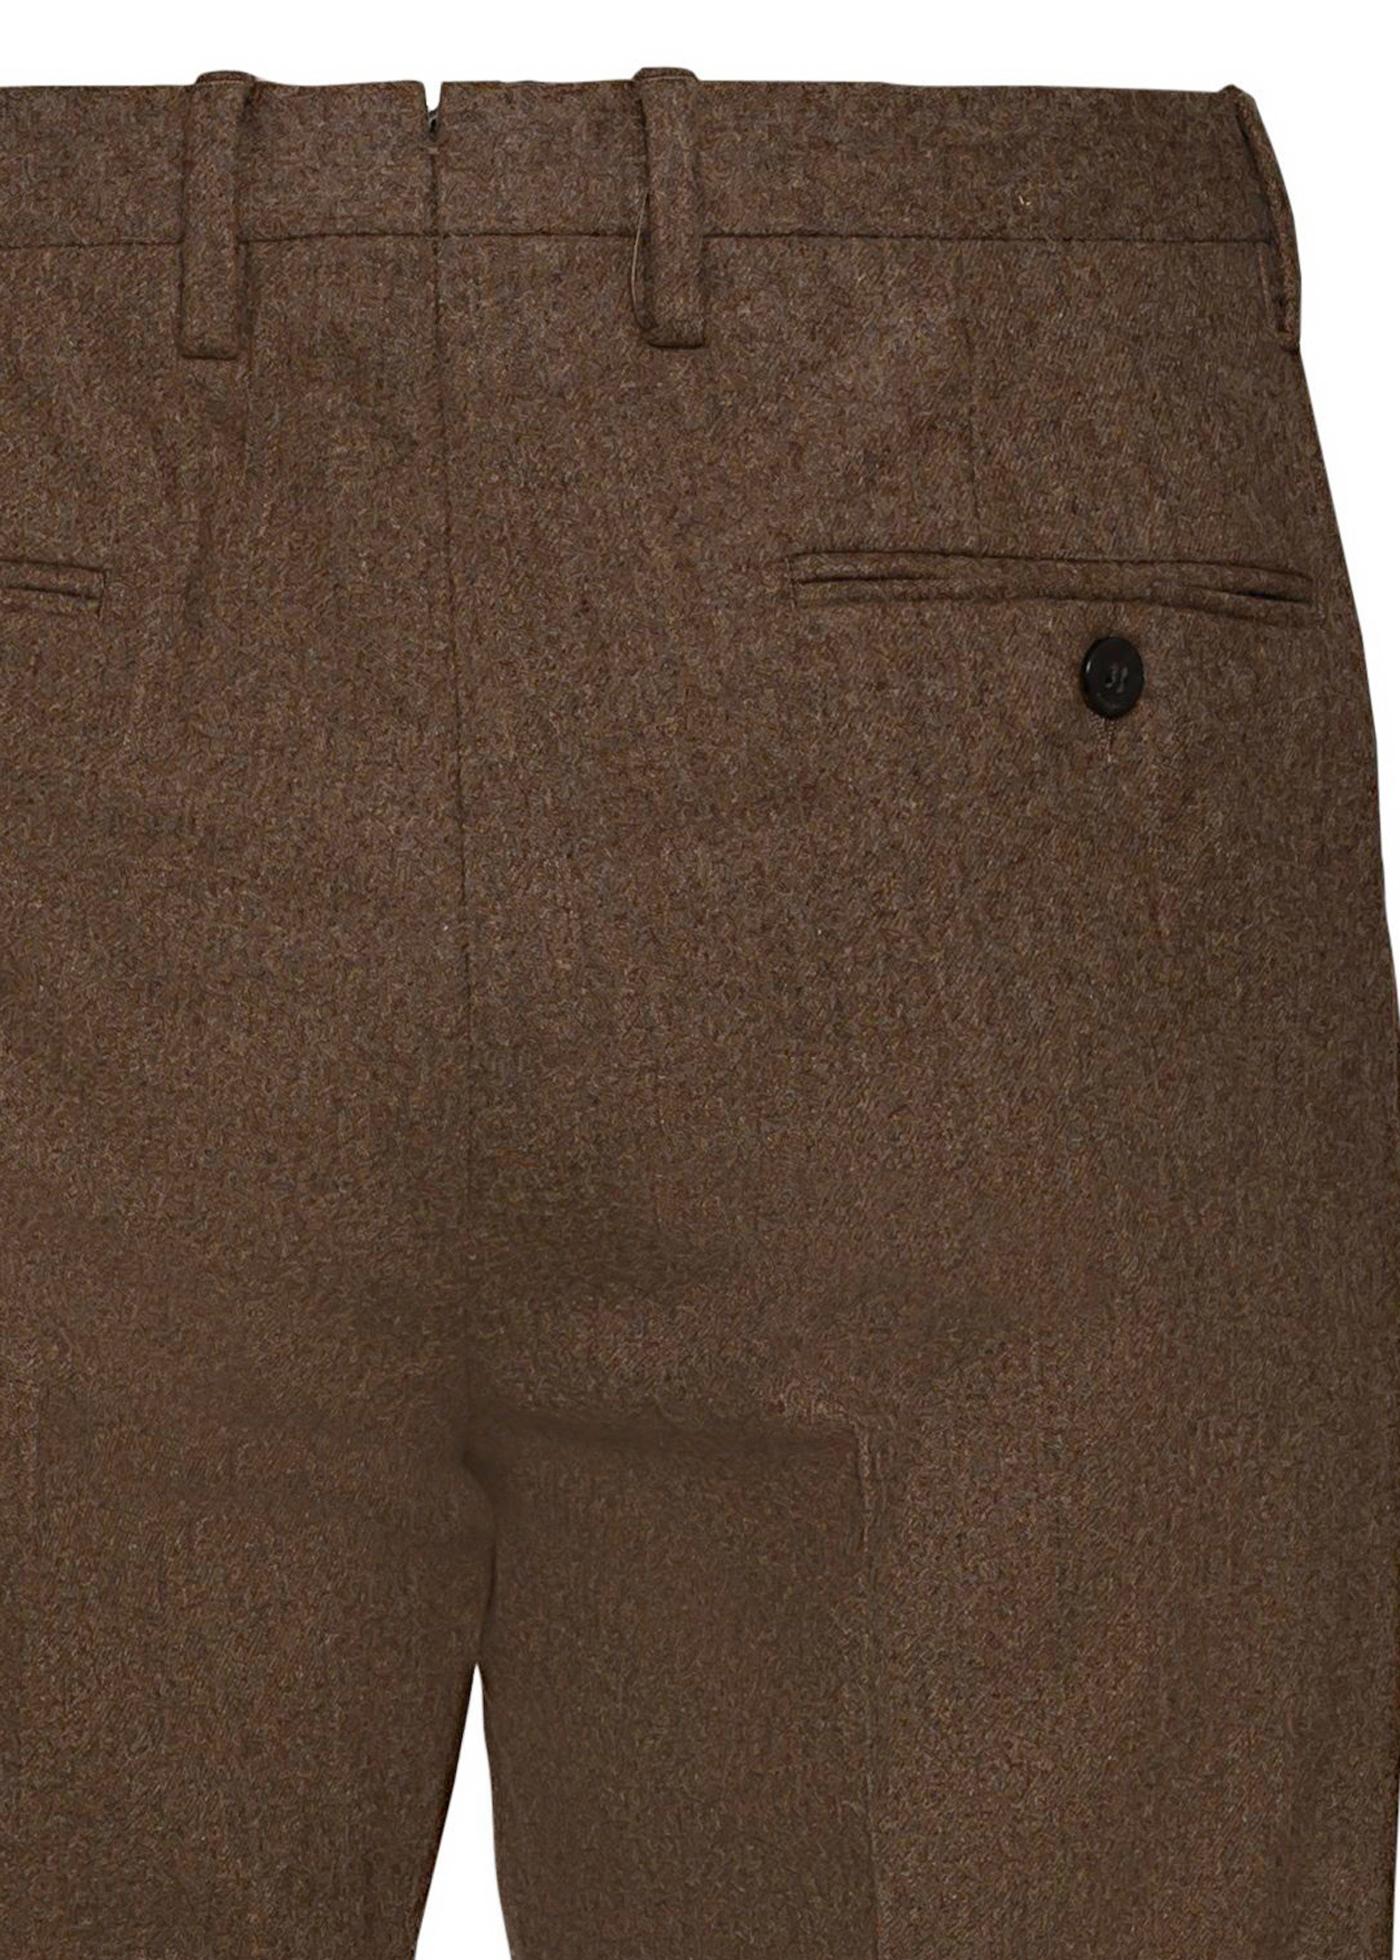 Wool Melange Pants image number 3